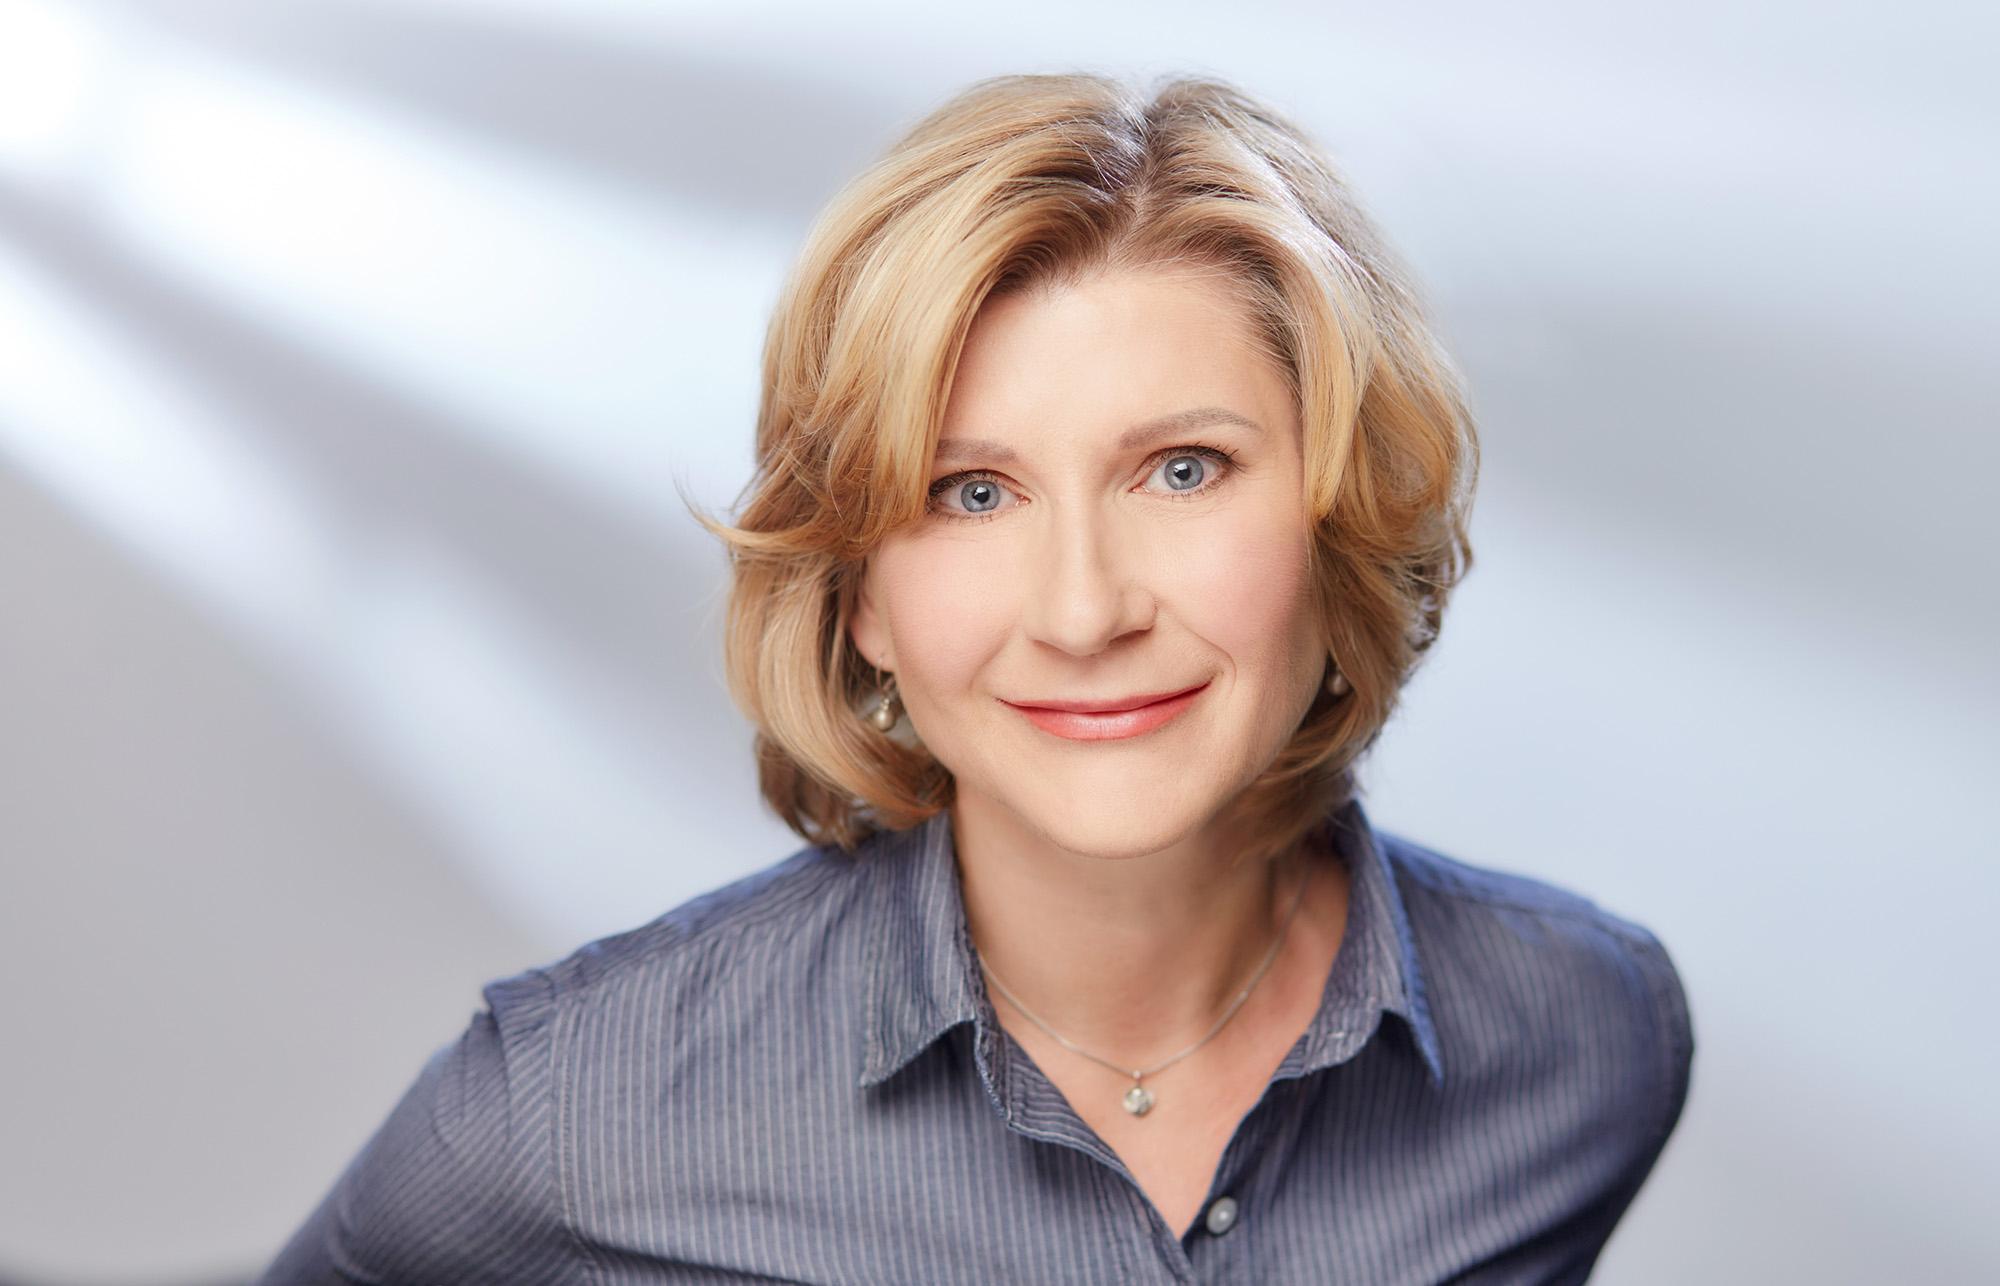 Dorota Strosznajder